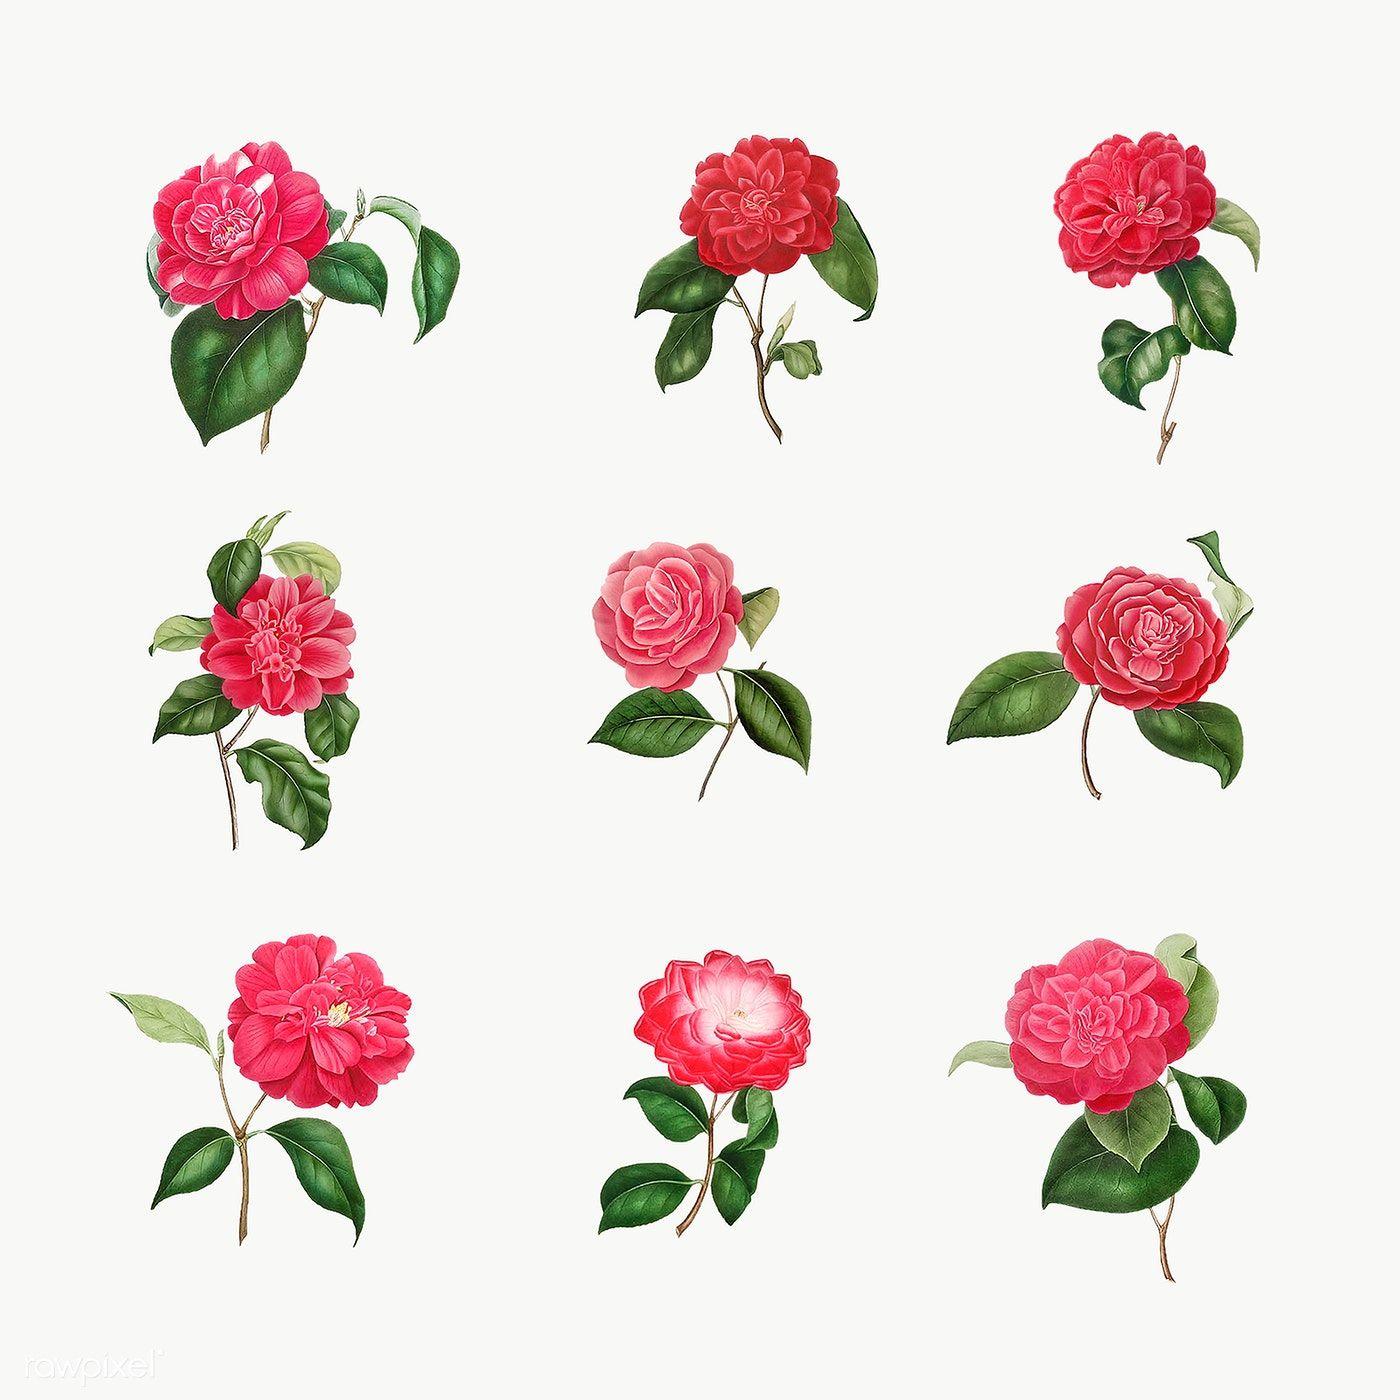 Download Premium Png Of Set Of Vintage Camellia Roses Transparent Png In 2020 Flower Illustration Rose Illustration Flowers